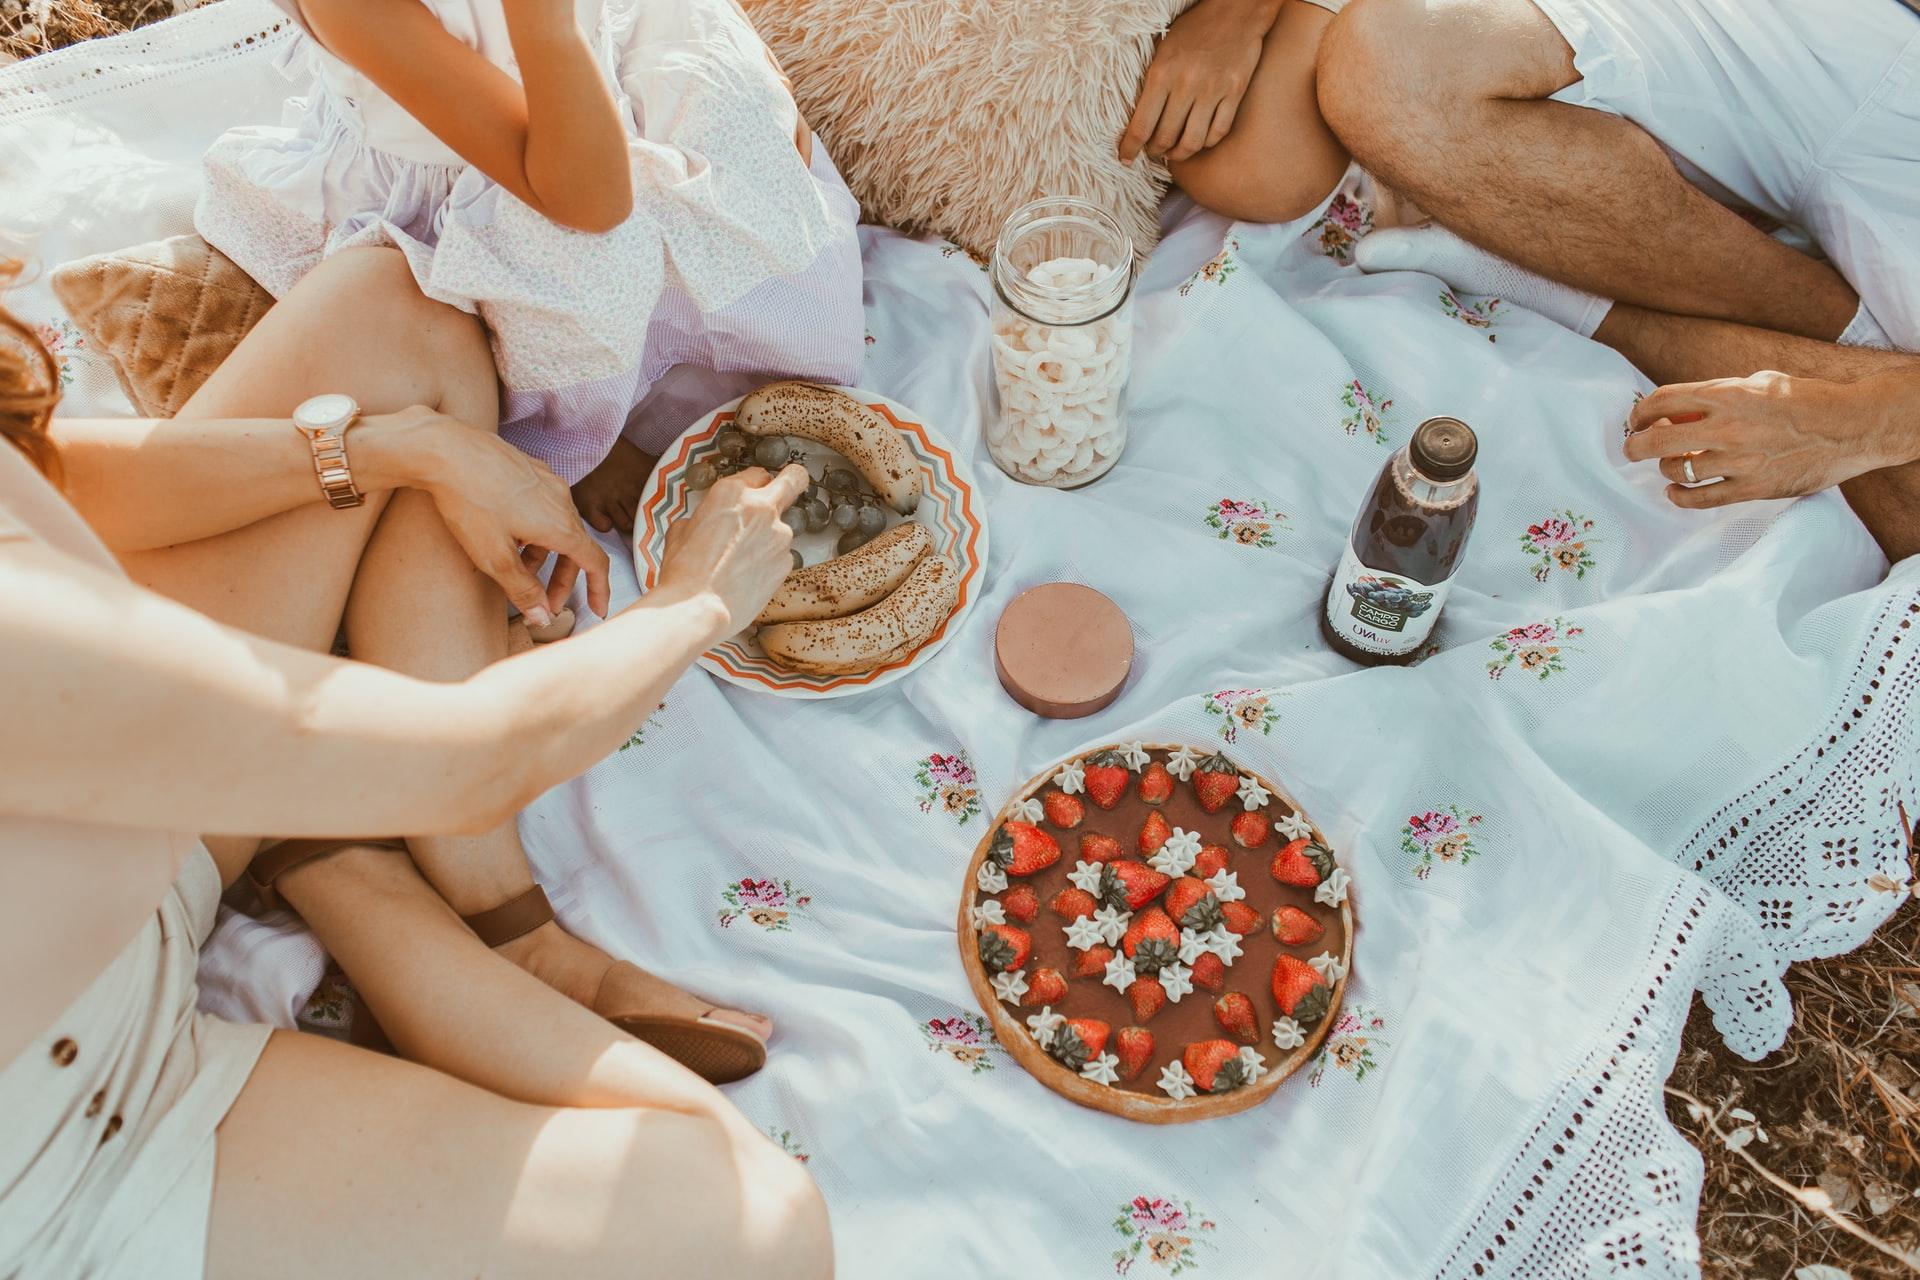 Диетолог рекомендовала отказаться от трех продуктов во время жары